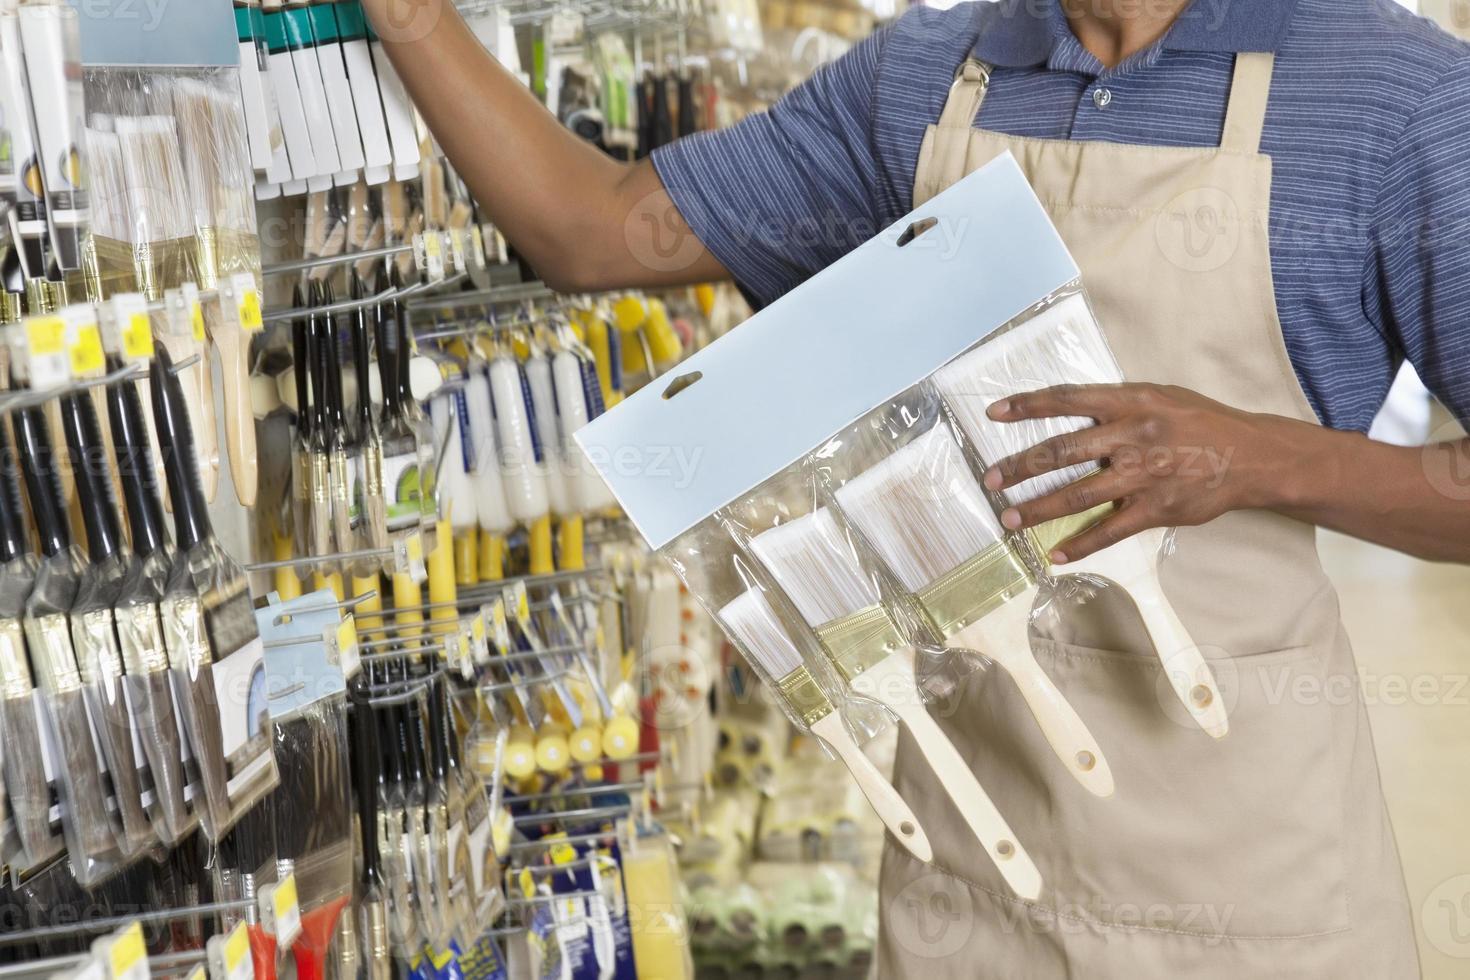 empleado afroamericano trabajando foto